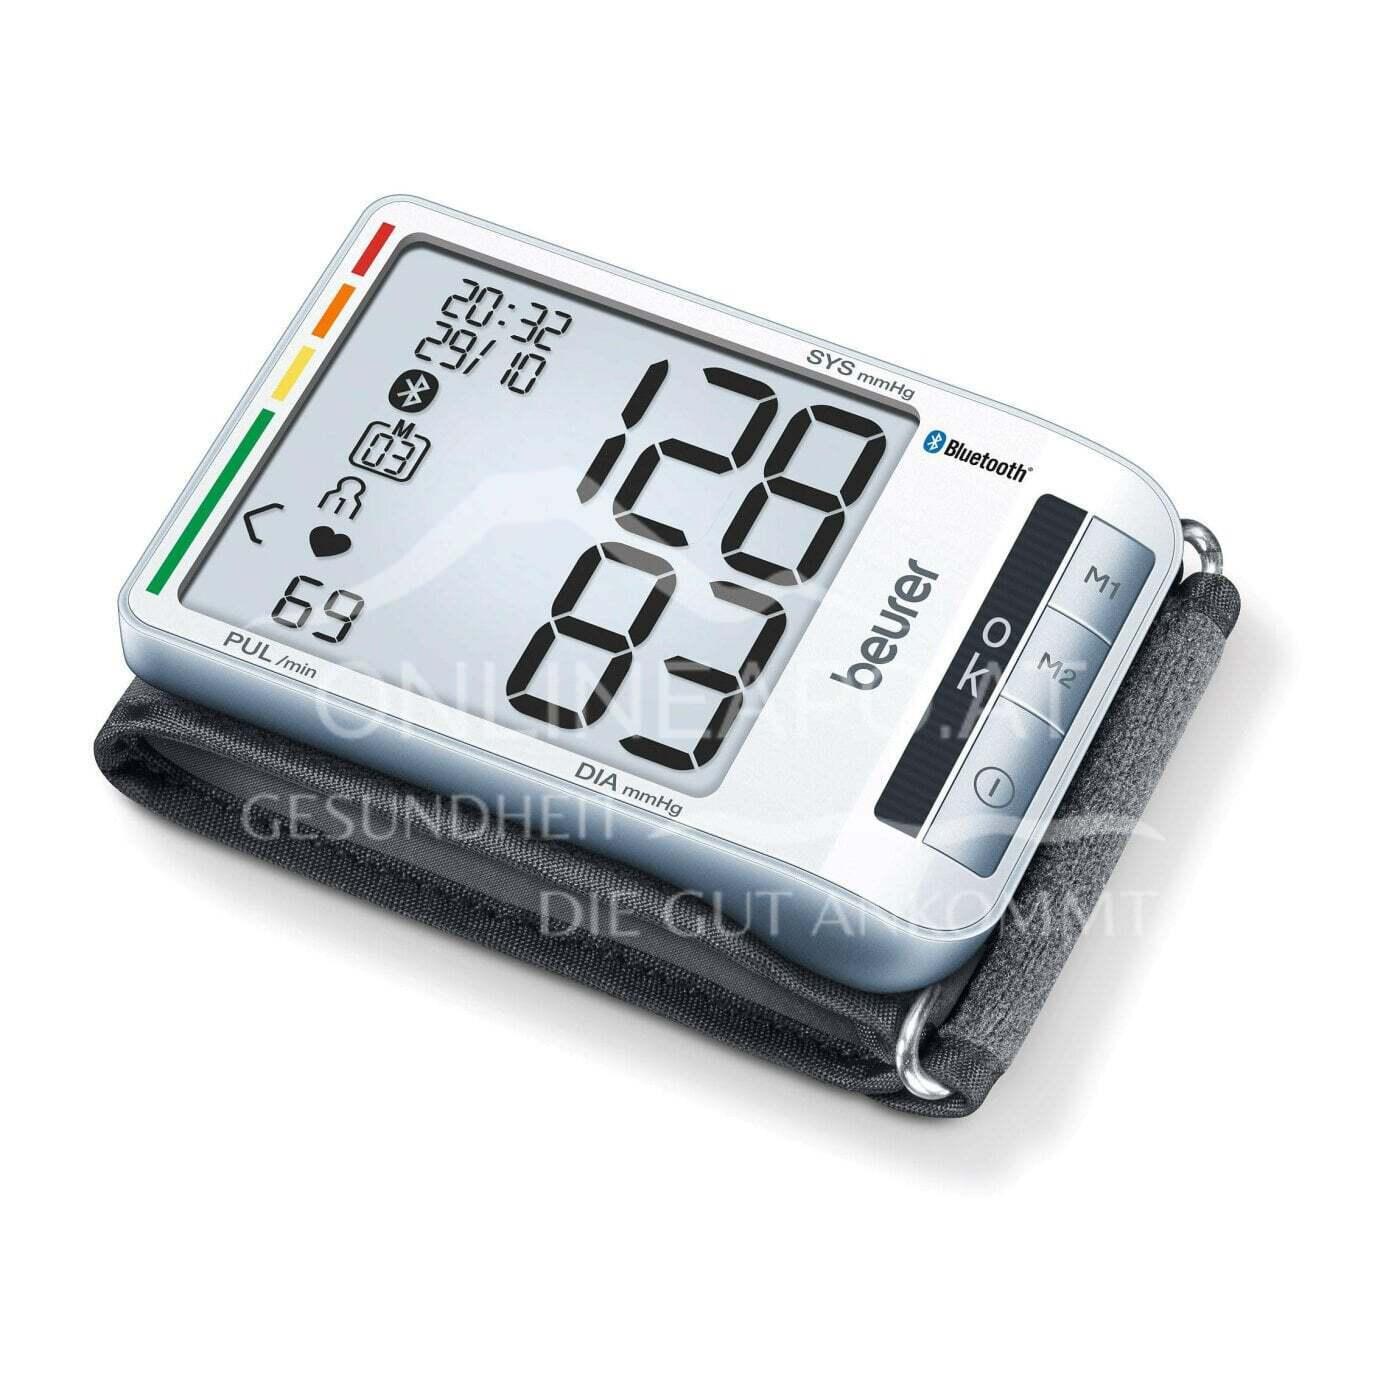 BEU BC 85 Handgelenk-Blutdruckmessgerät Bluetooth®